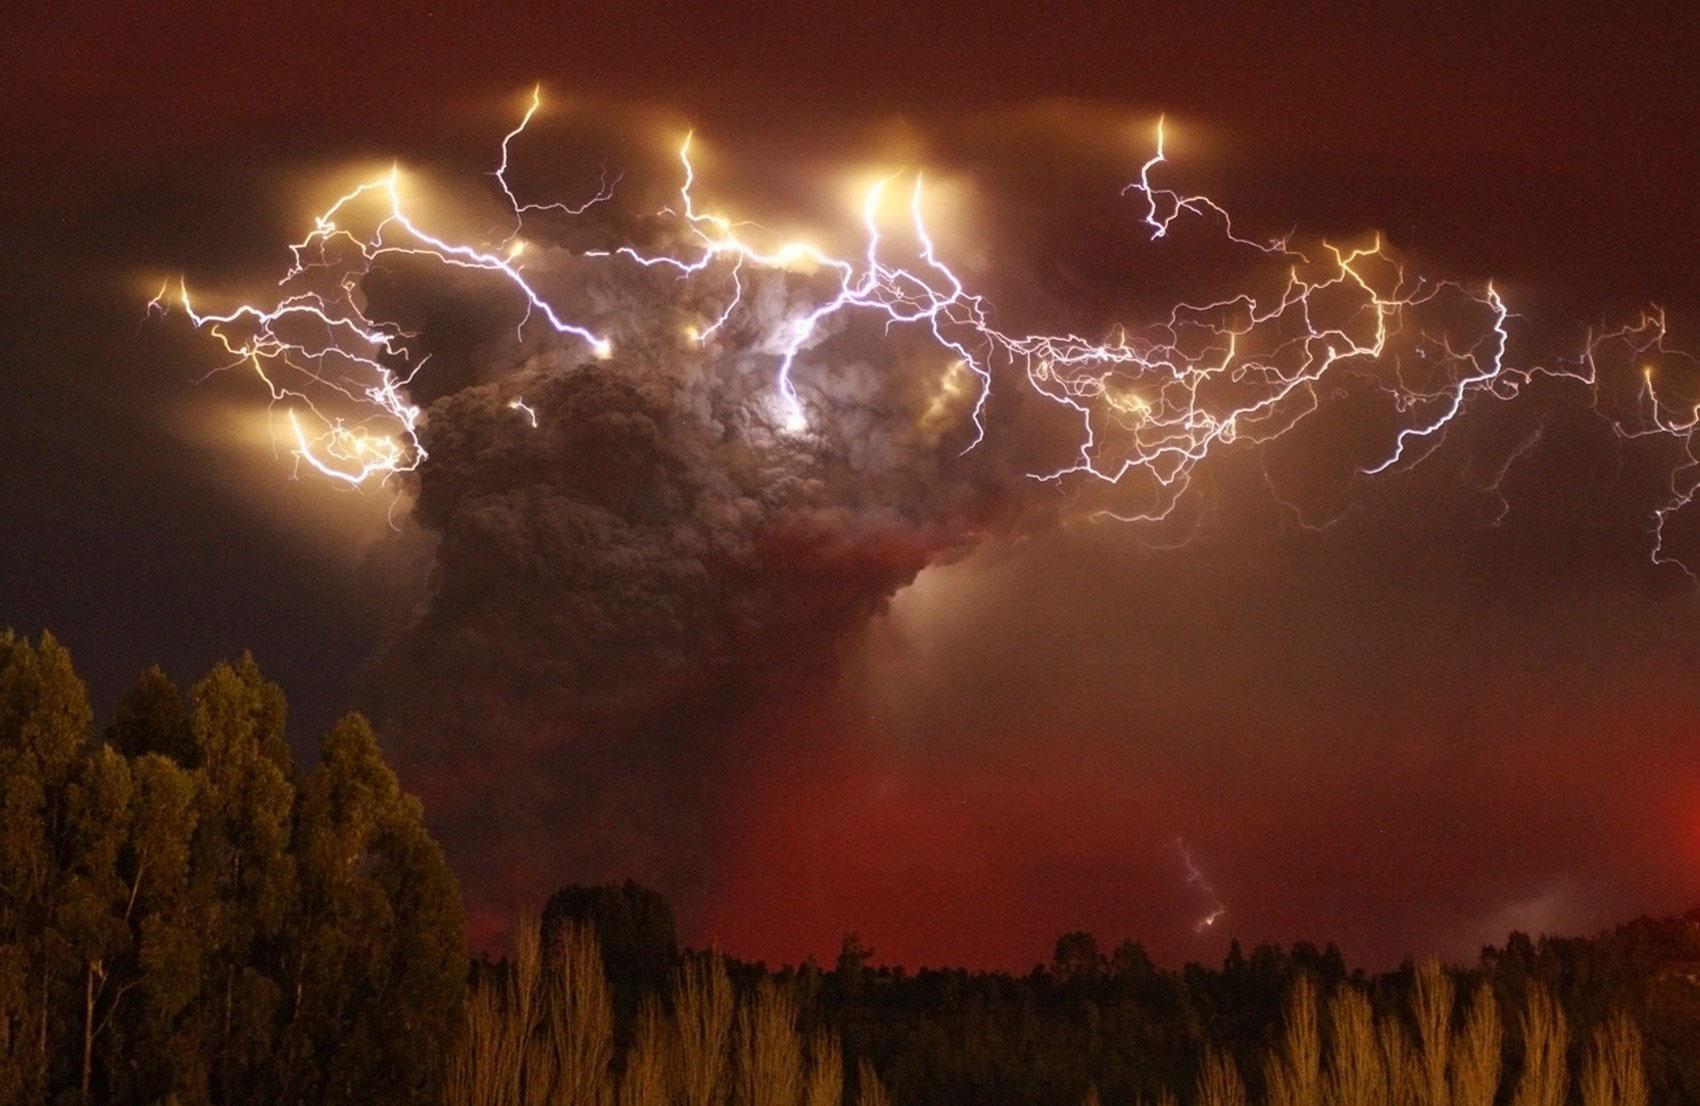 извержение вулкана, фото